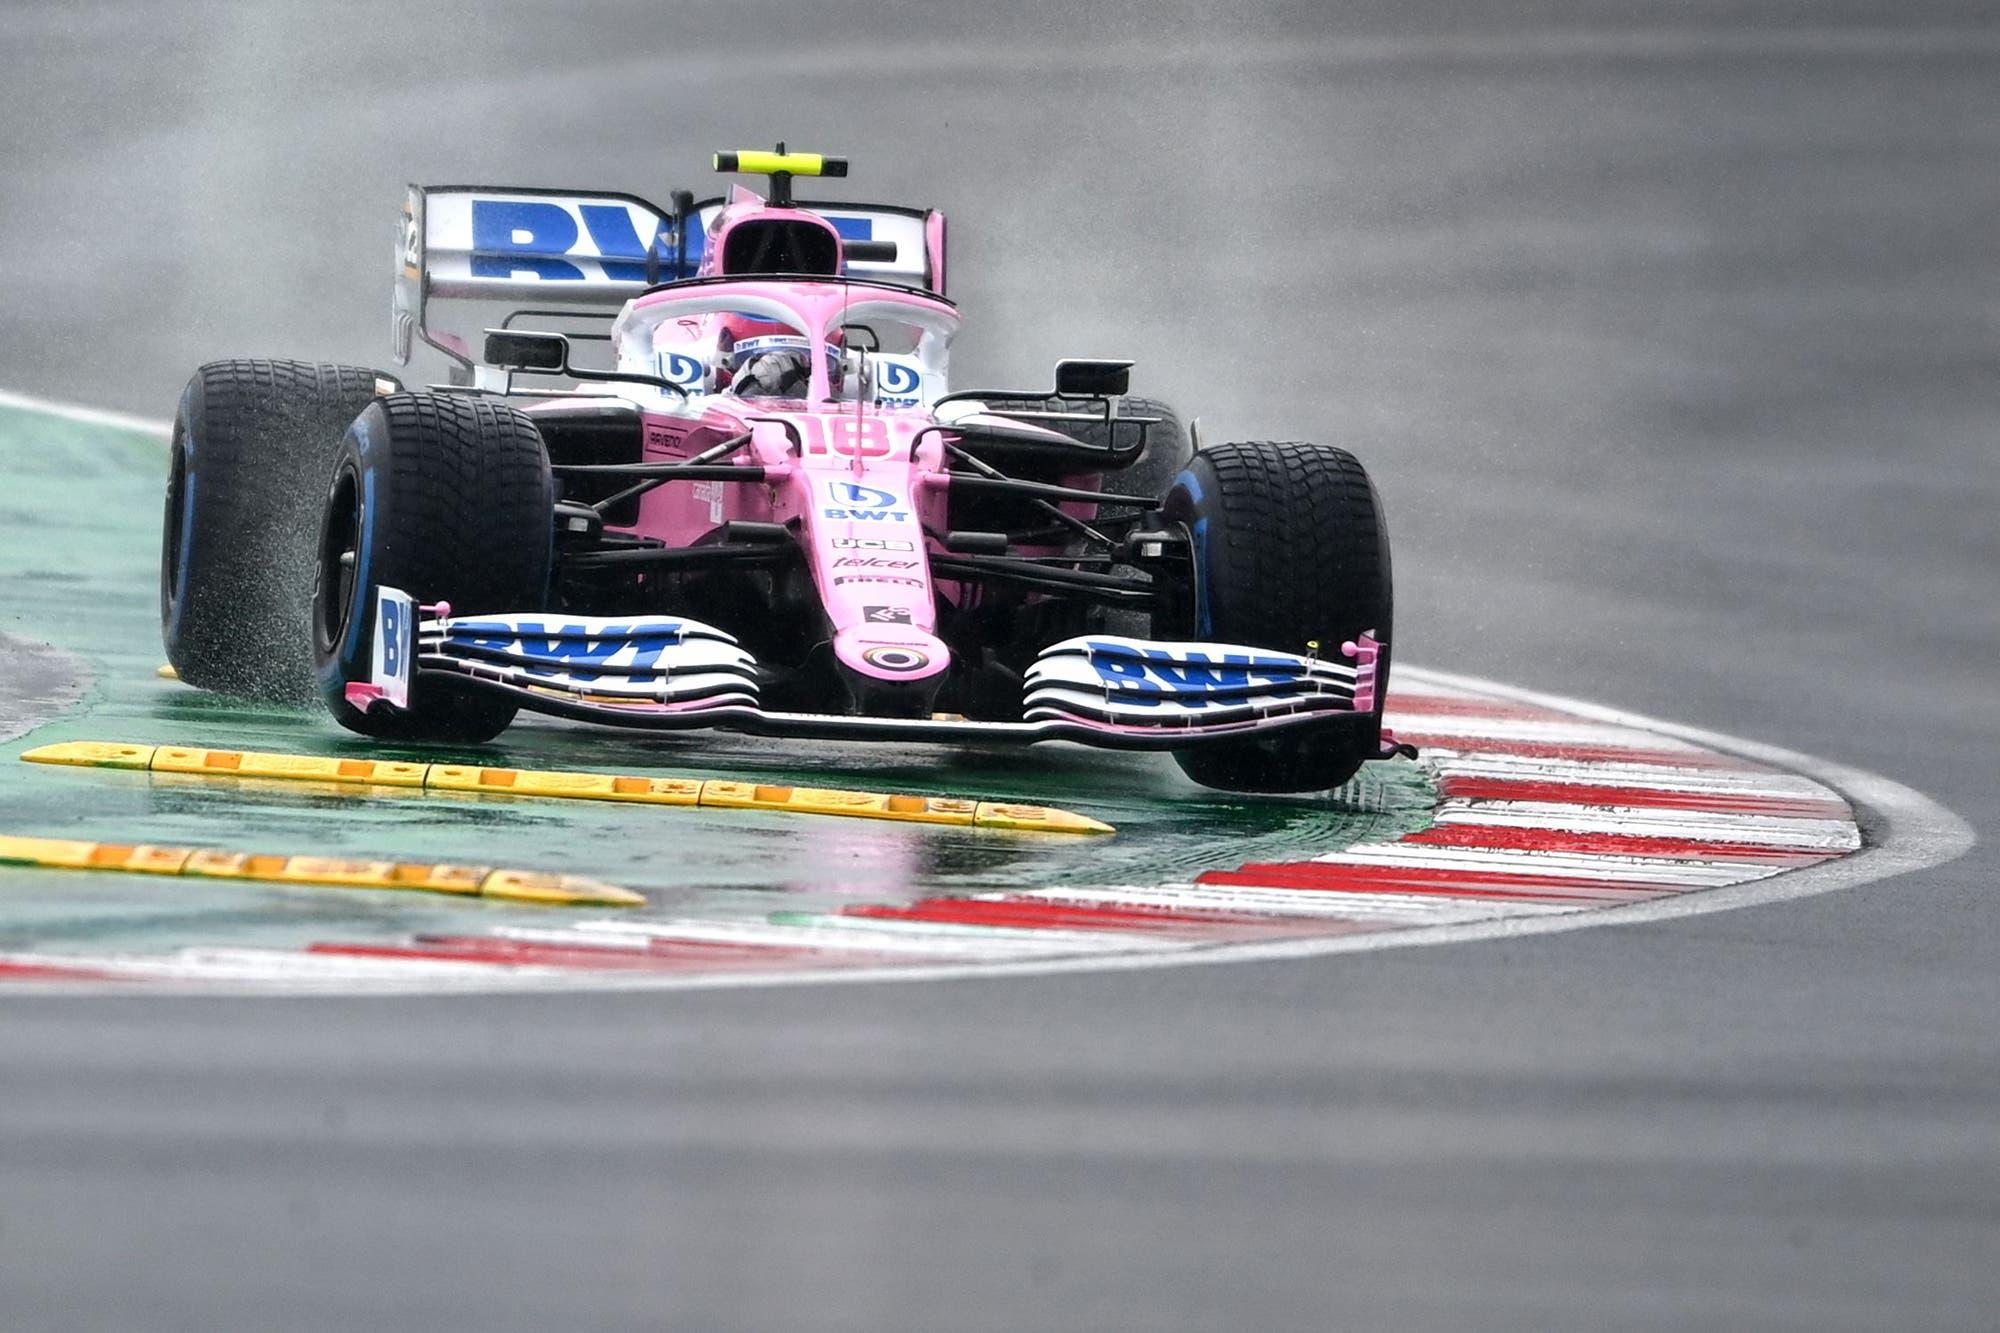 Fórmula 1: la histórica pole position de Lance Stroll, el hijo de un multimillonario y estrella del jet-set